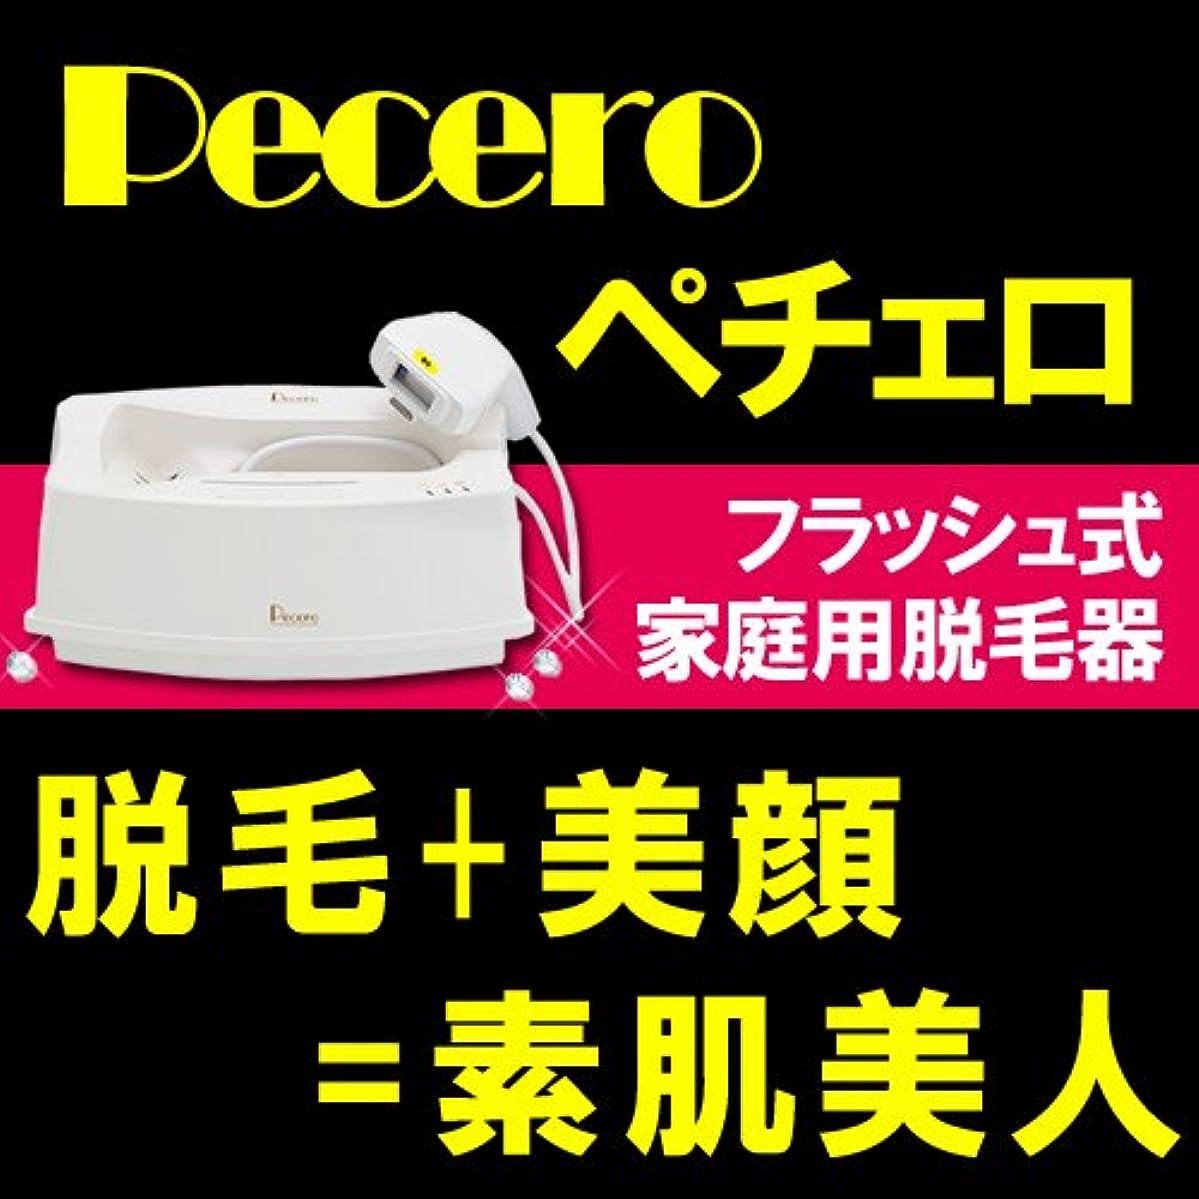 矛盾再開ライトニング家庭用脱毛器ペチェロ(pecero)